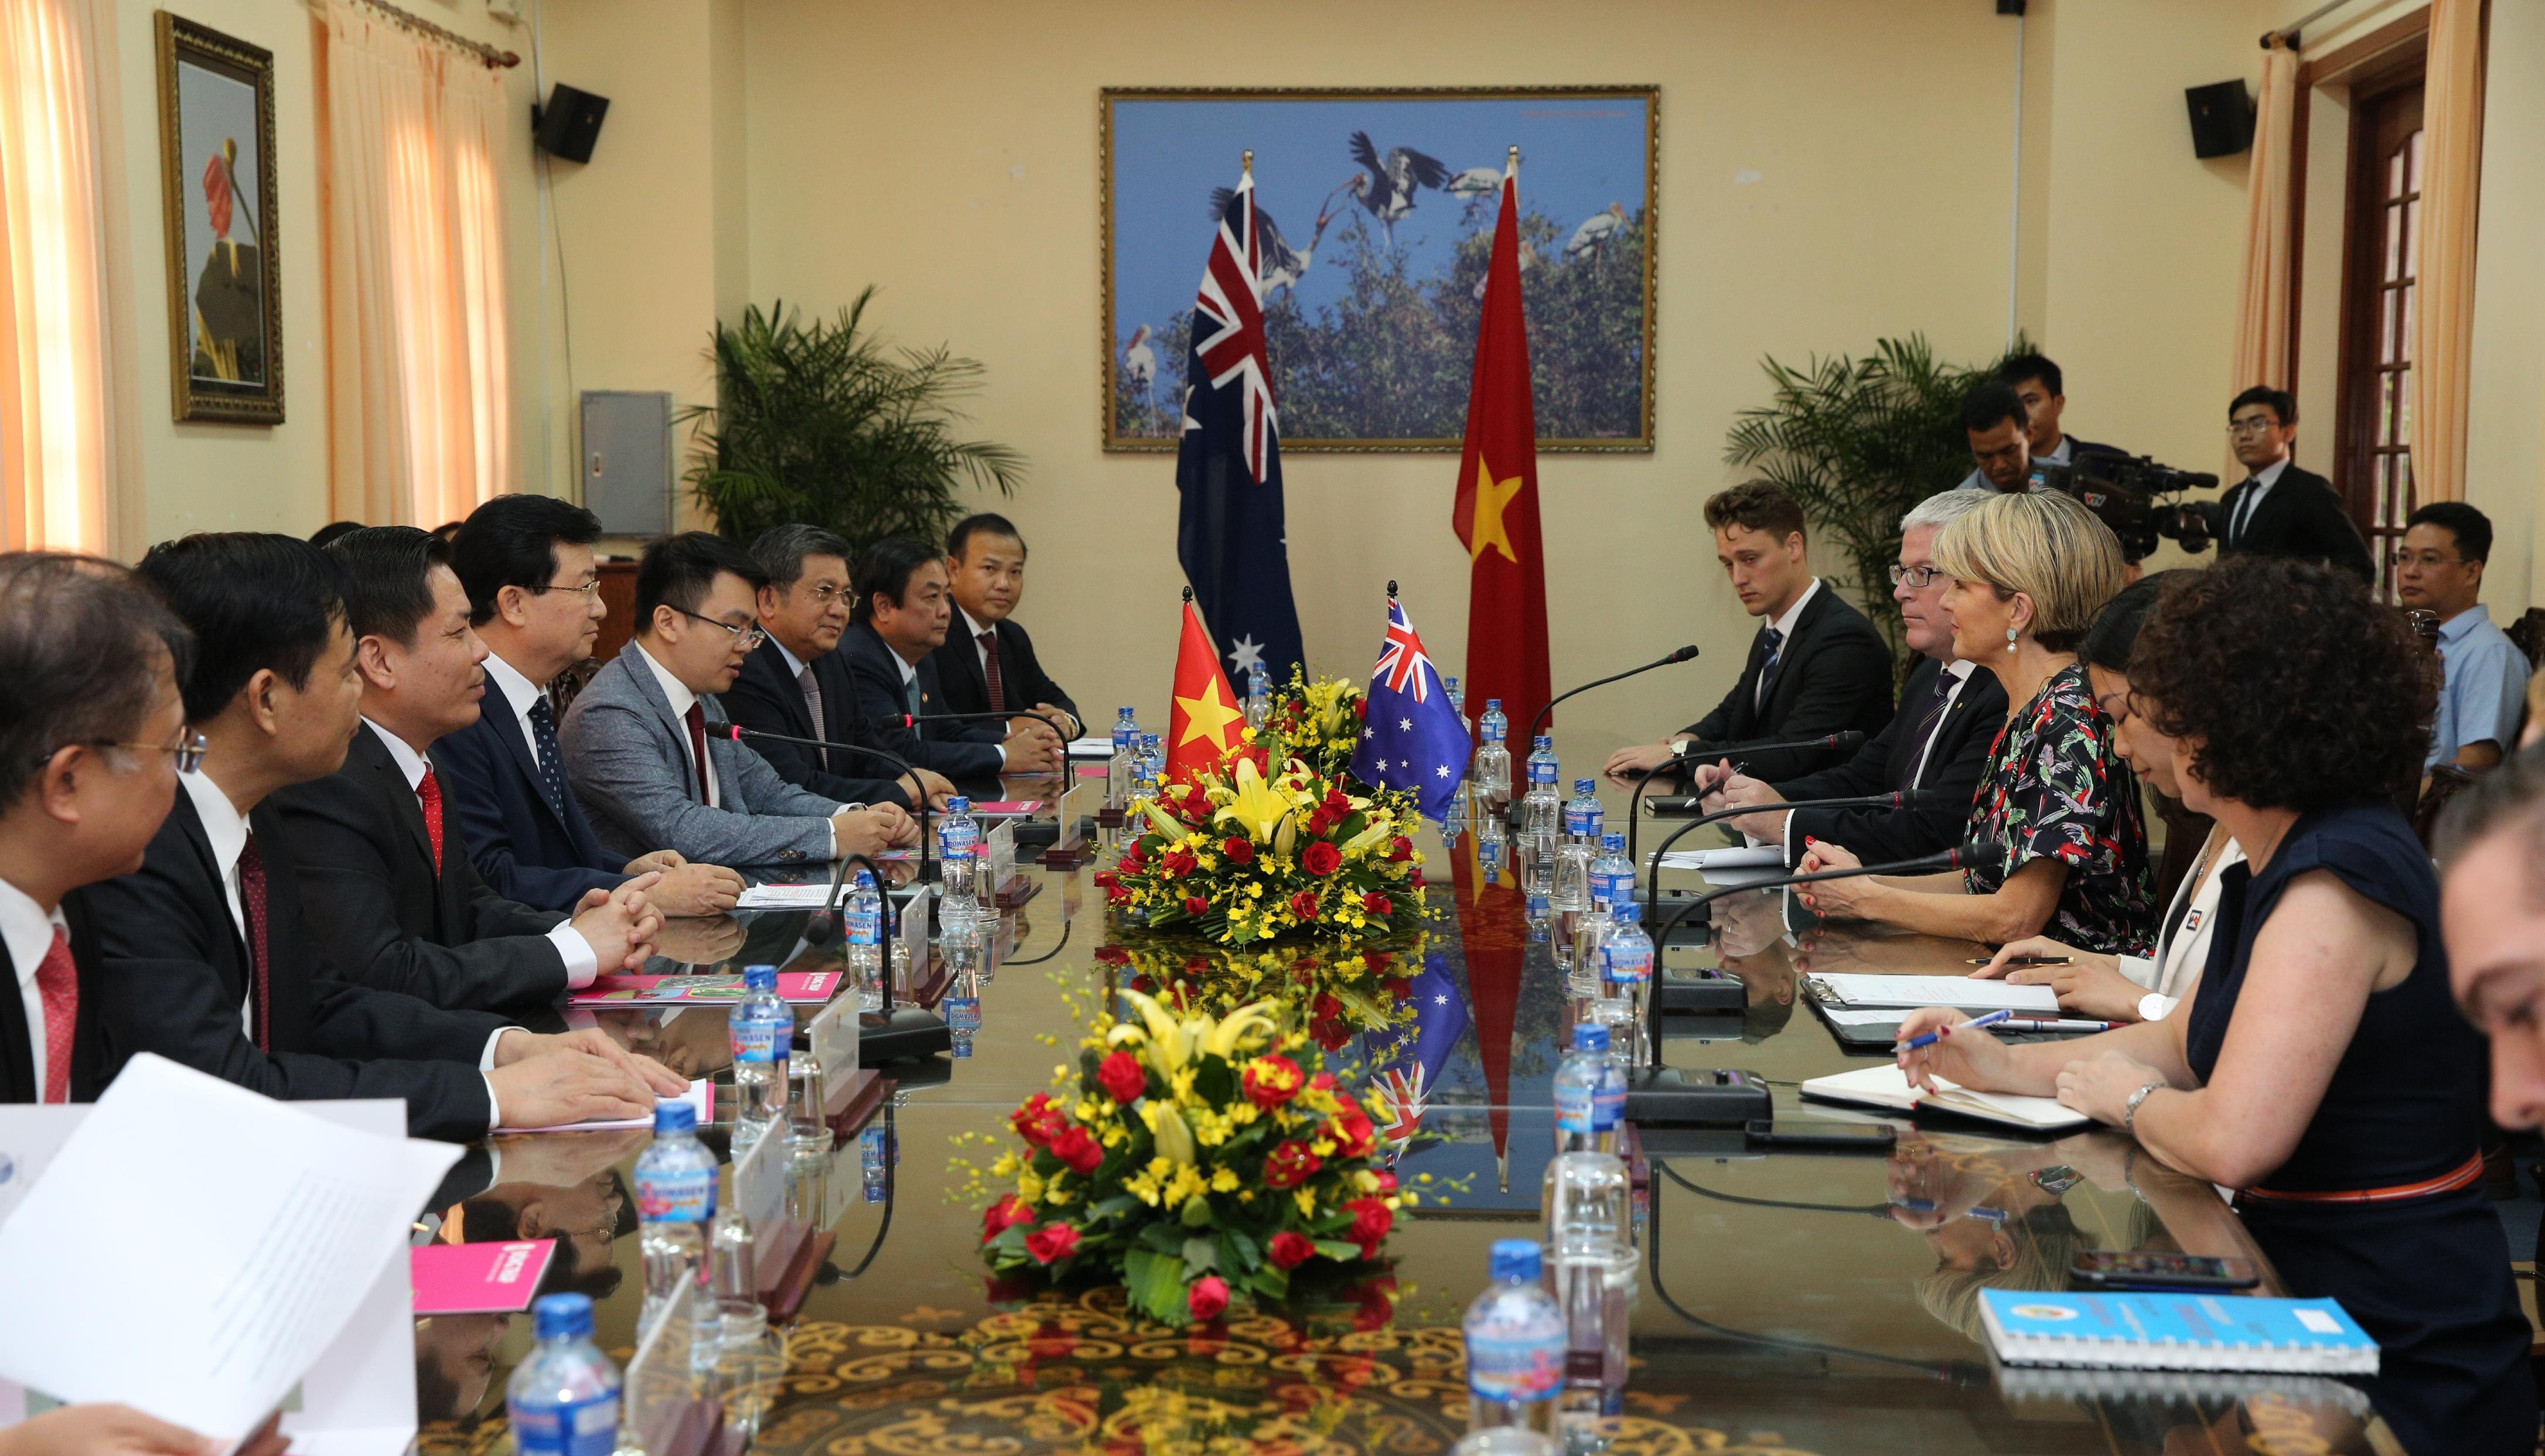 Ô-xtrây-li-a coi Việt Nam là một trong những đối tác chủ chốt tại khu vực